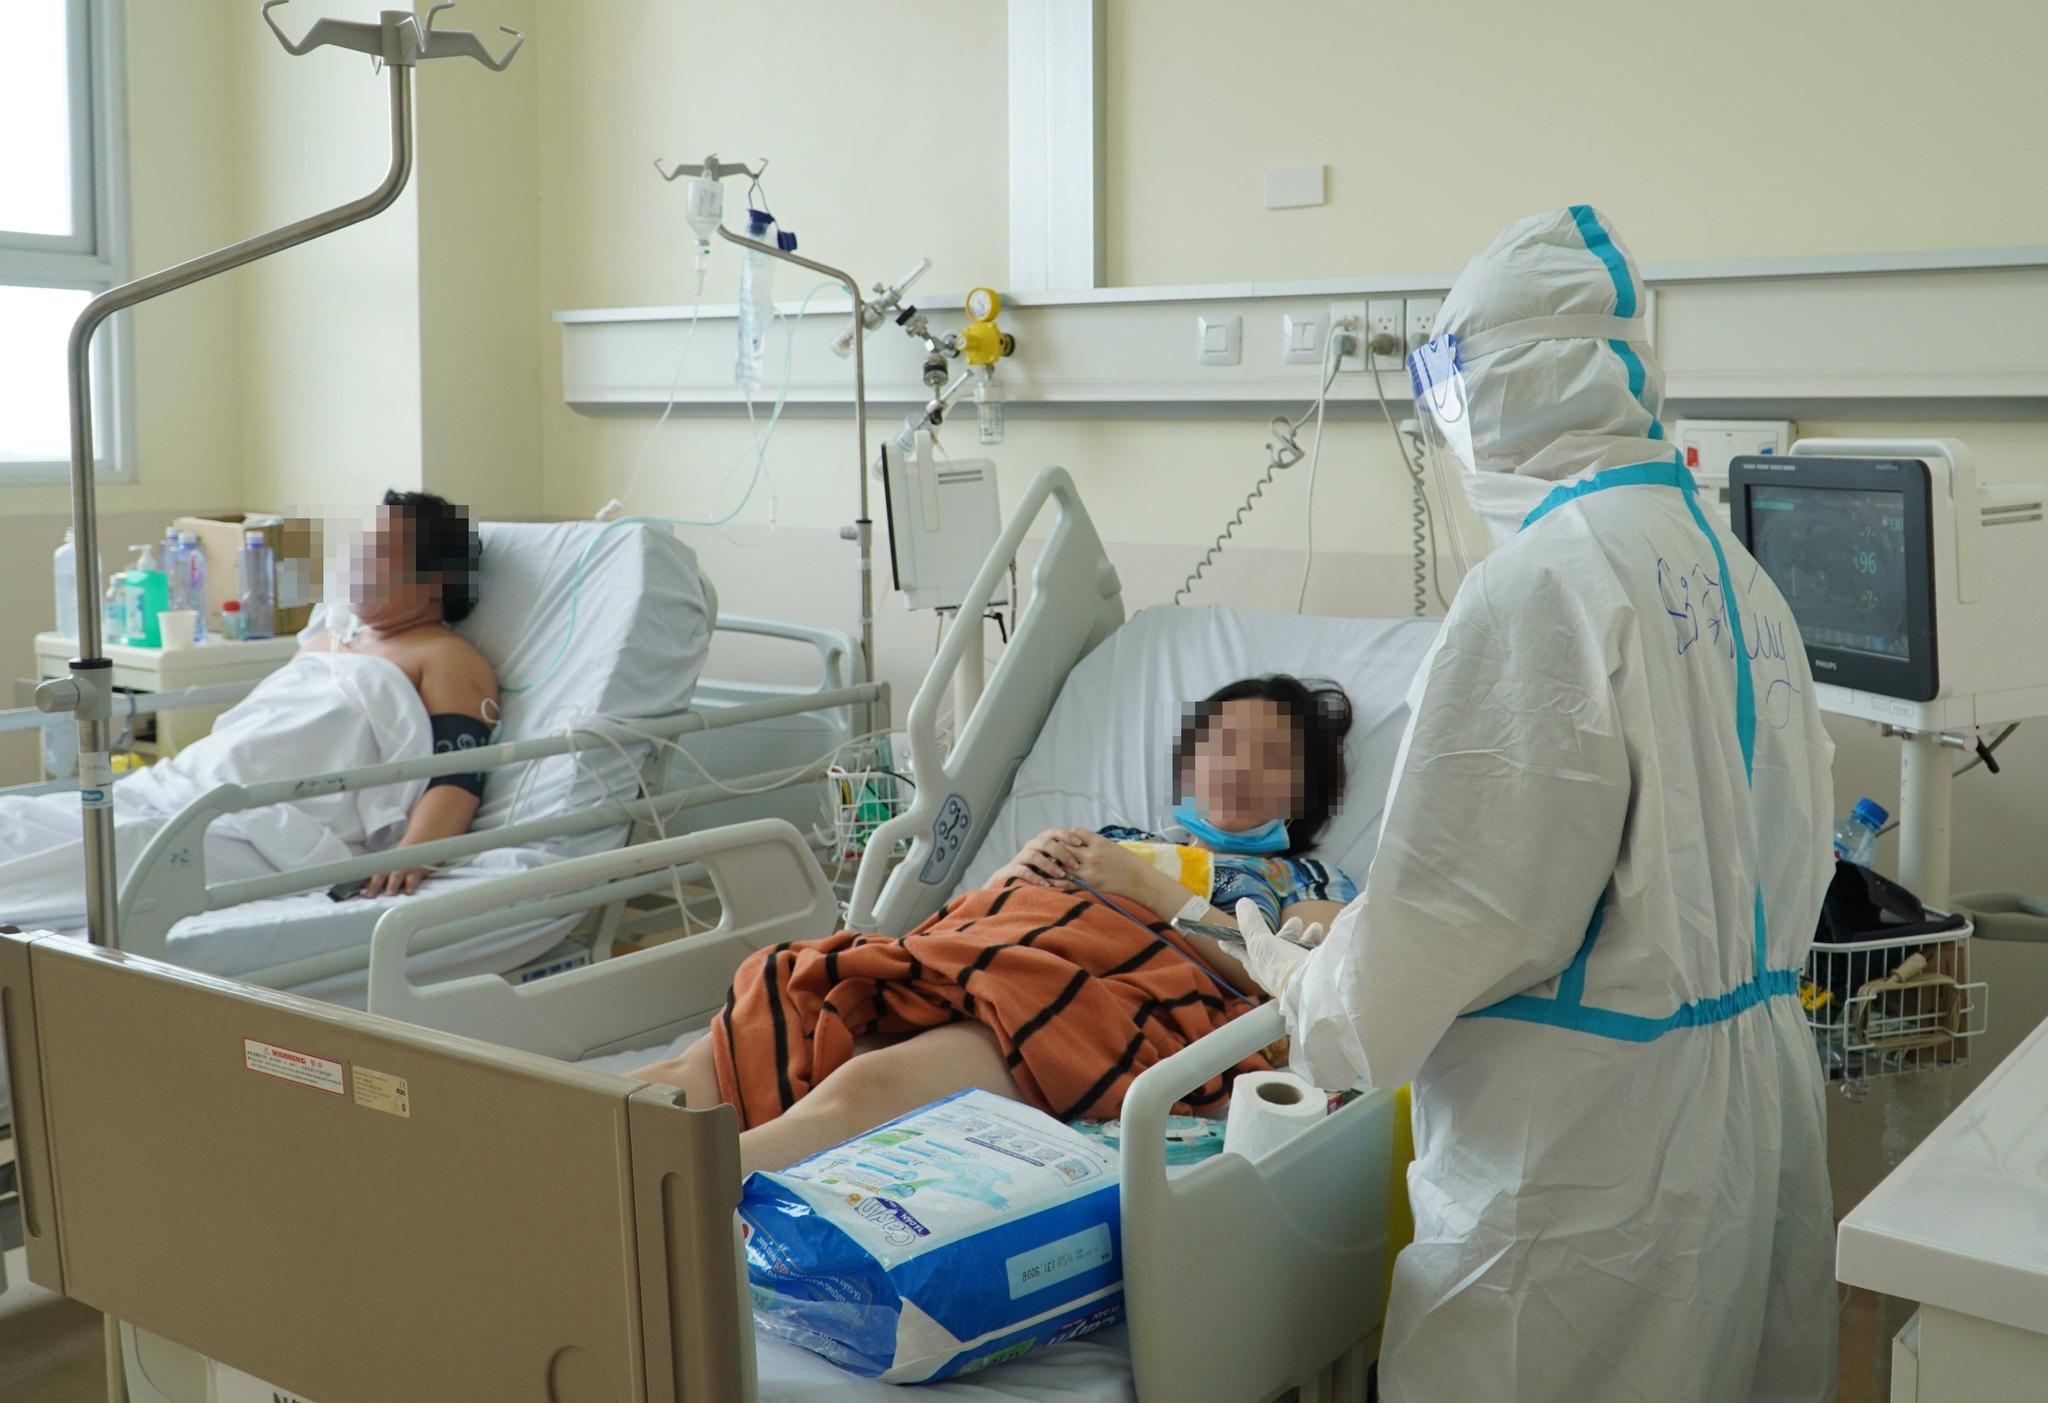 TP.HCM: 20% bệnh nhân tại Bệnh viện hồi sức Covid-19 bị trầm cảm, 53,3% rối loạn lo âu